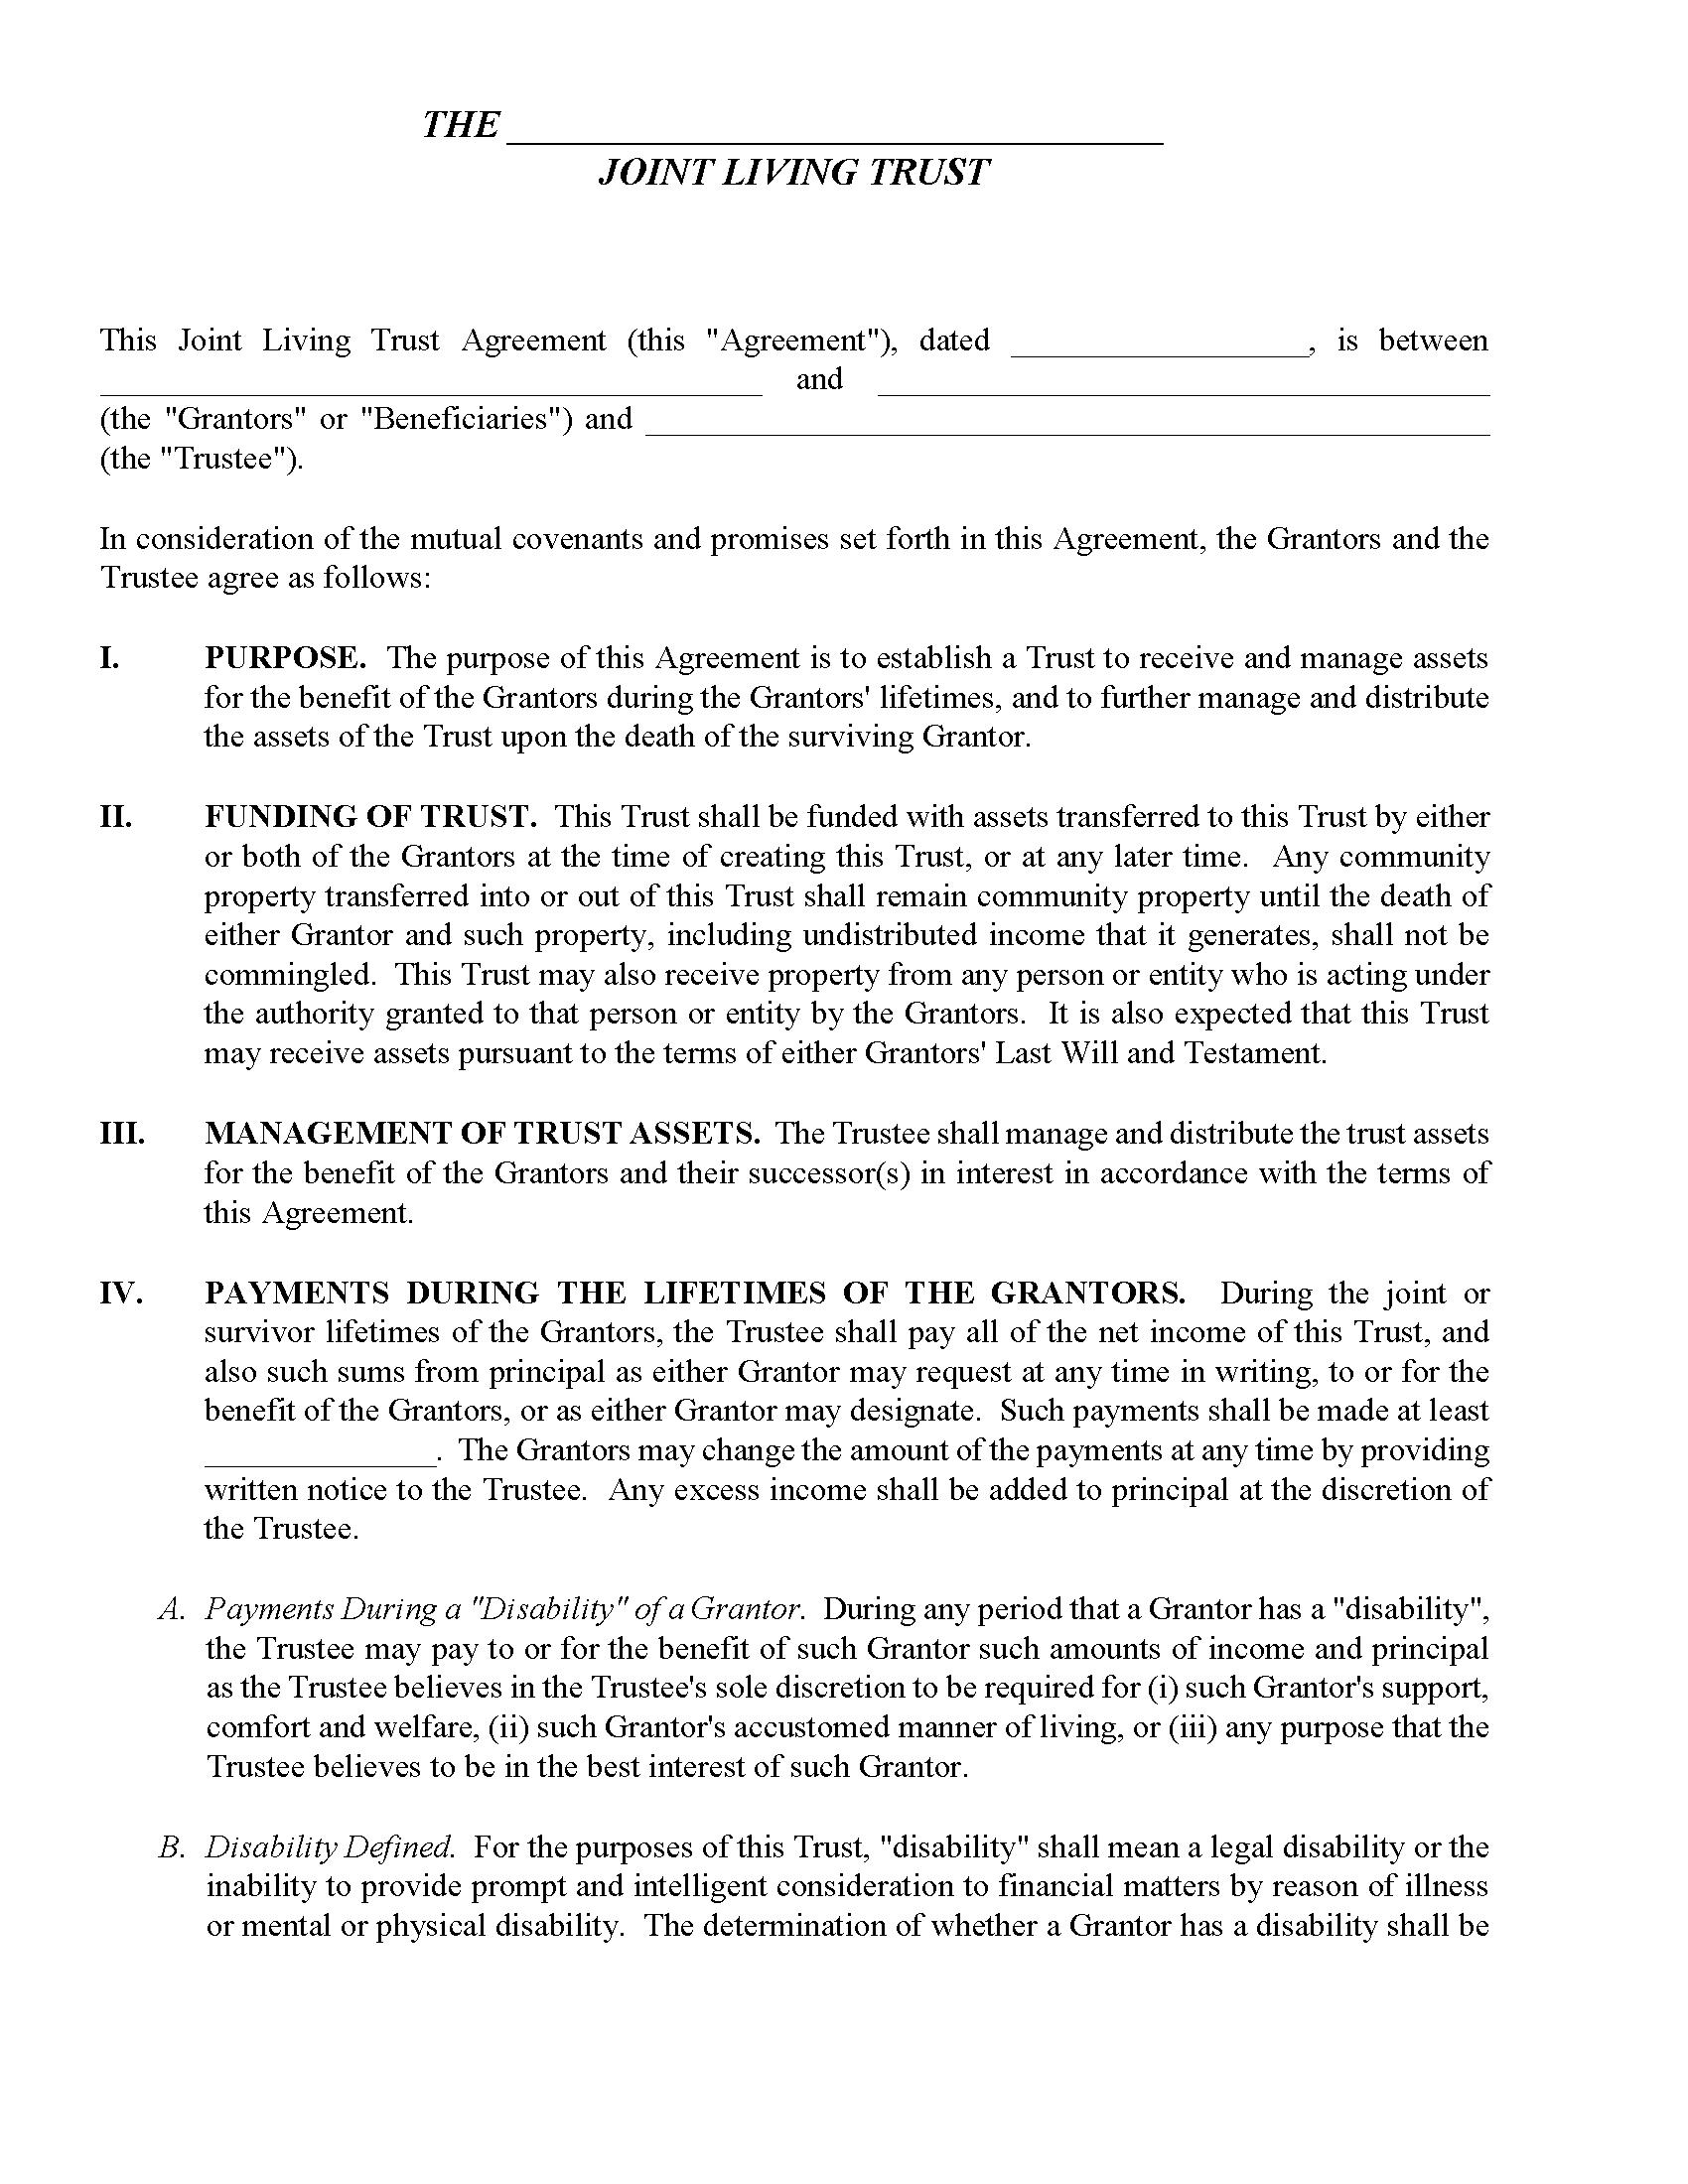 Arkansas Joint Living Trust Form